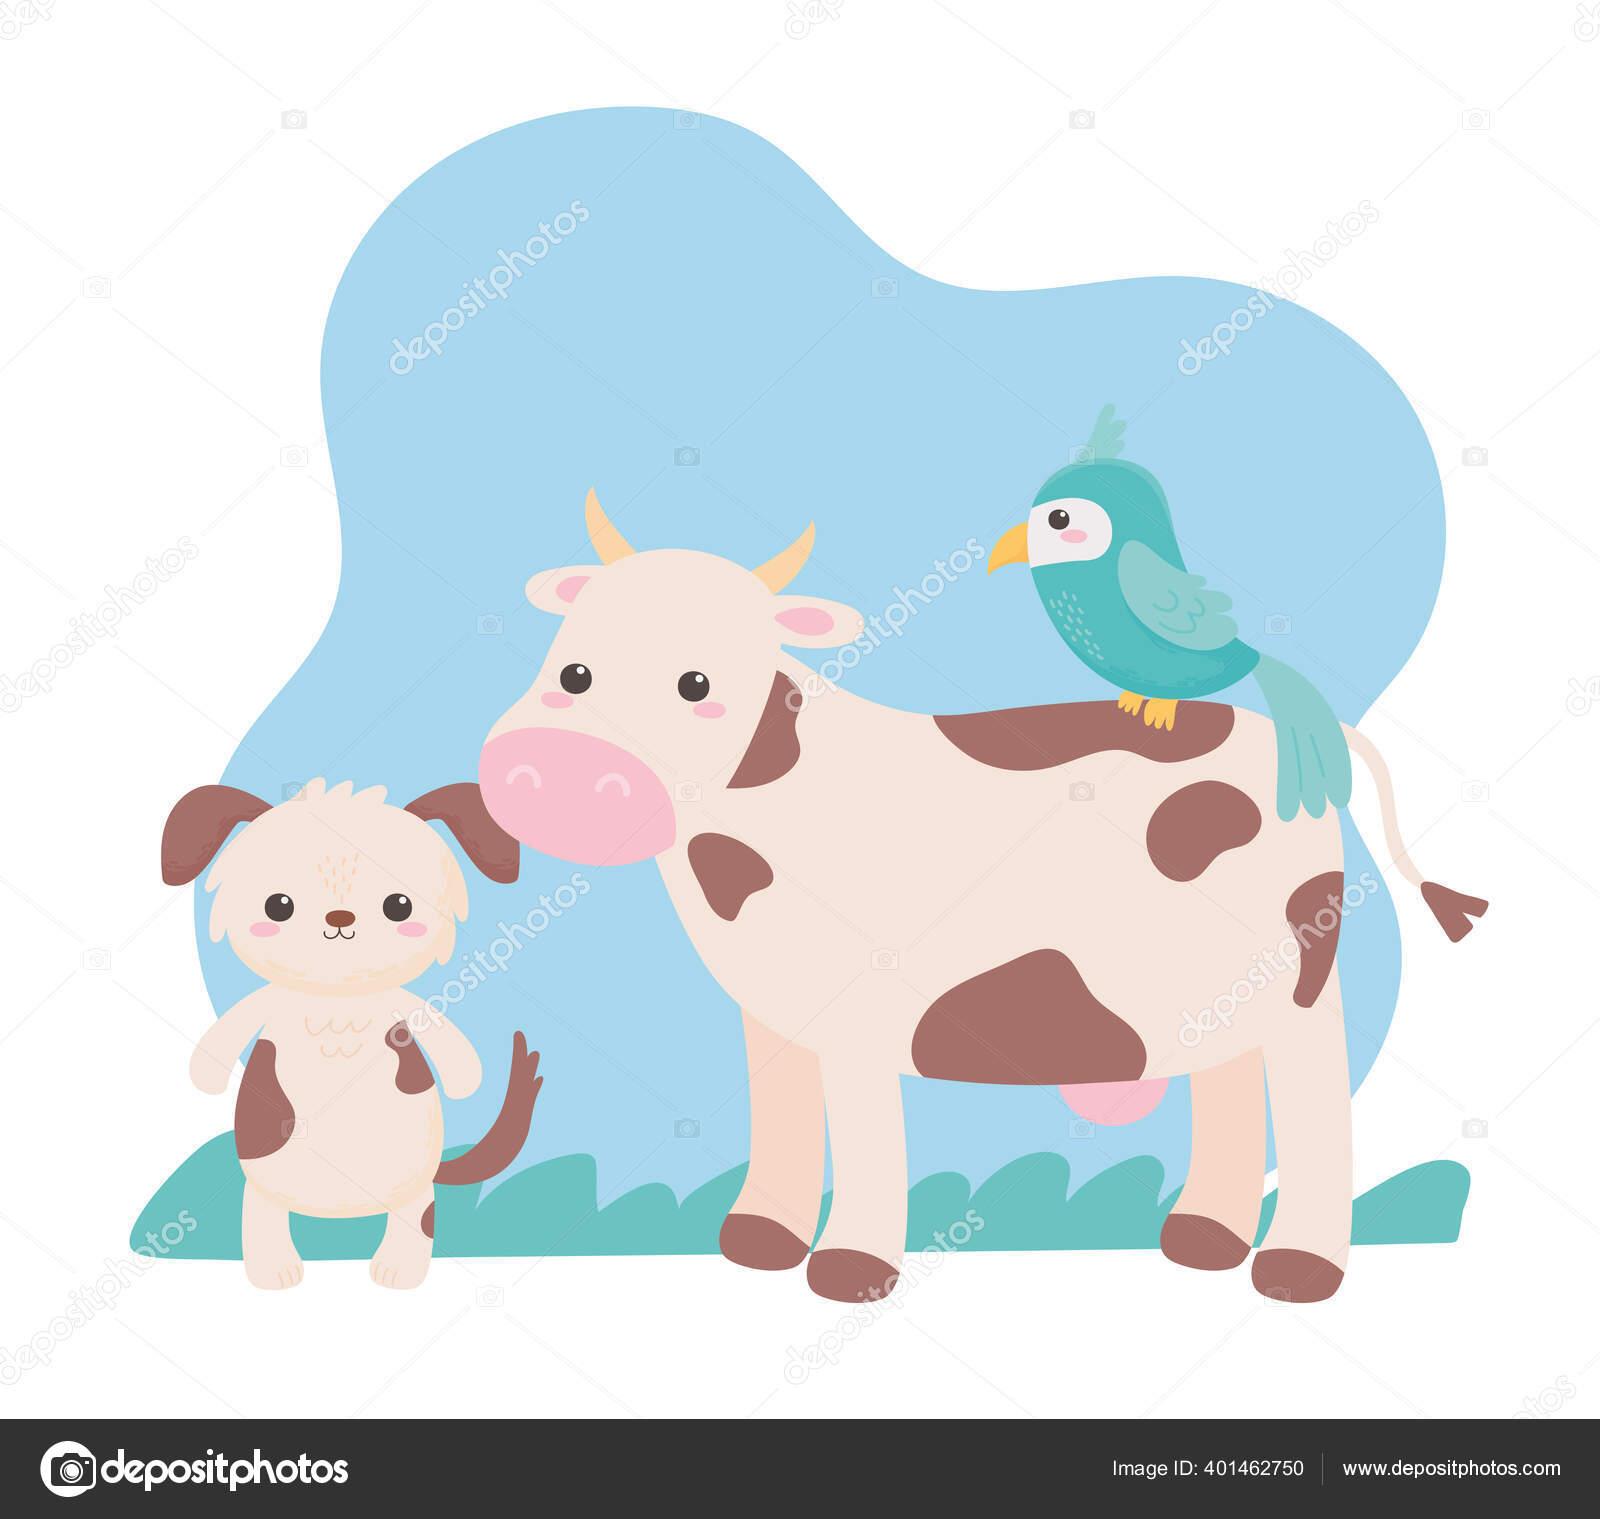 Lucu Anjing Sapi Dan Burung Beo Kartun Hewan Di Lanskap Alam Stok Vektor C Stockgiu 401462750